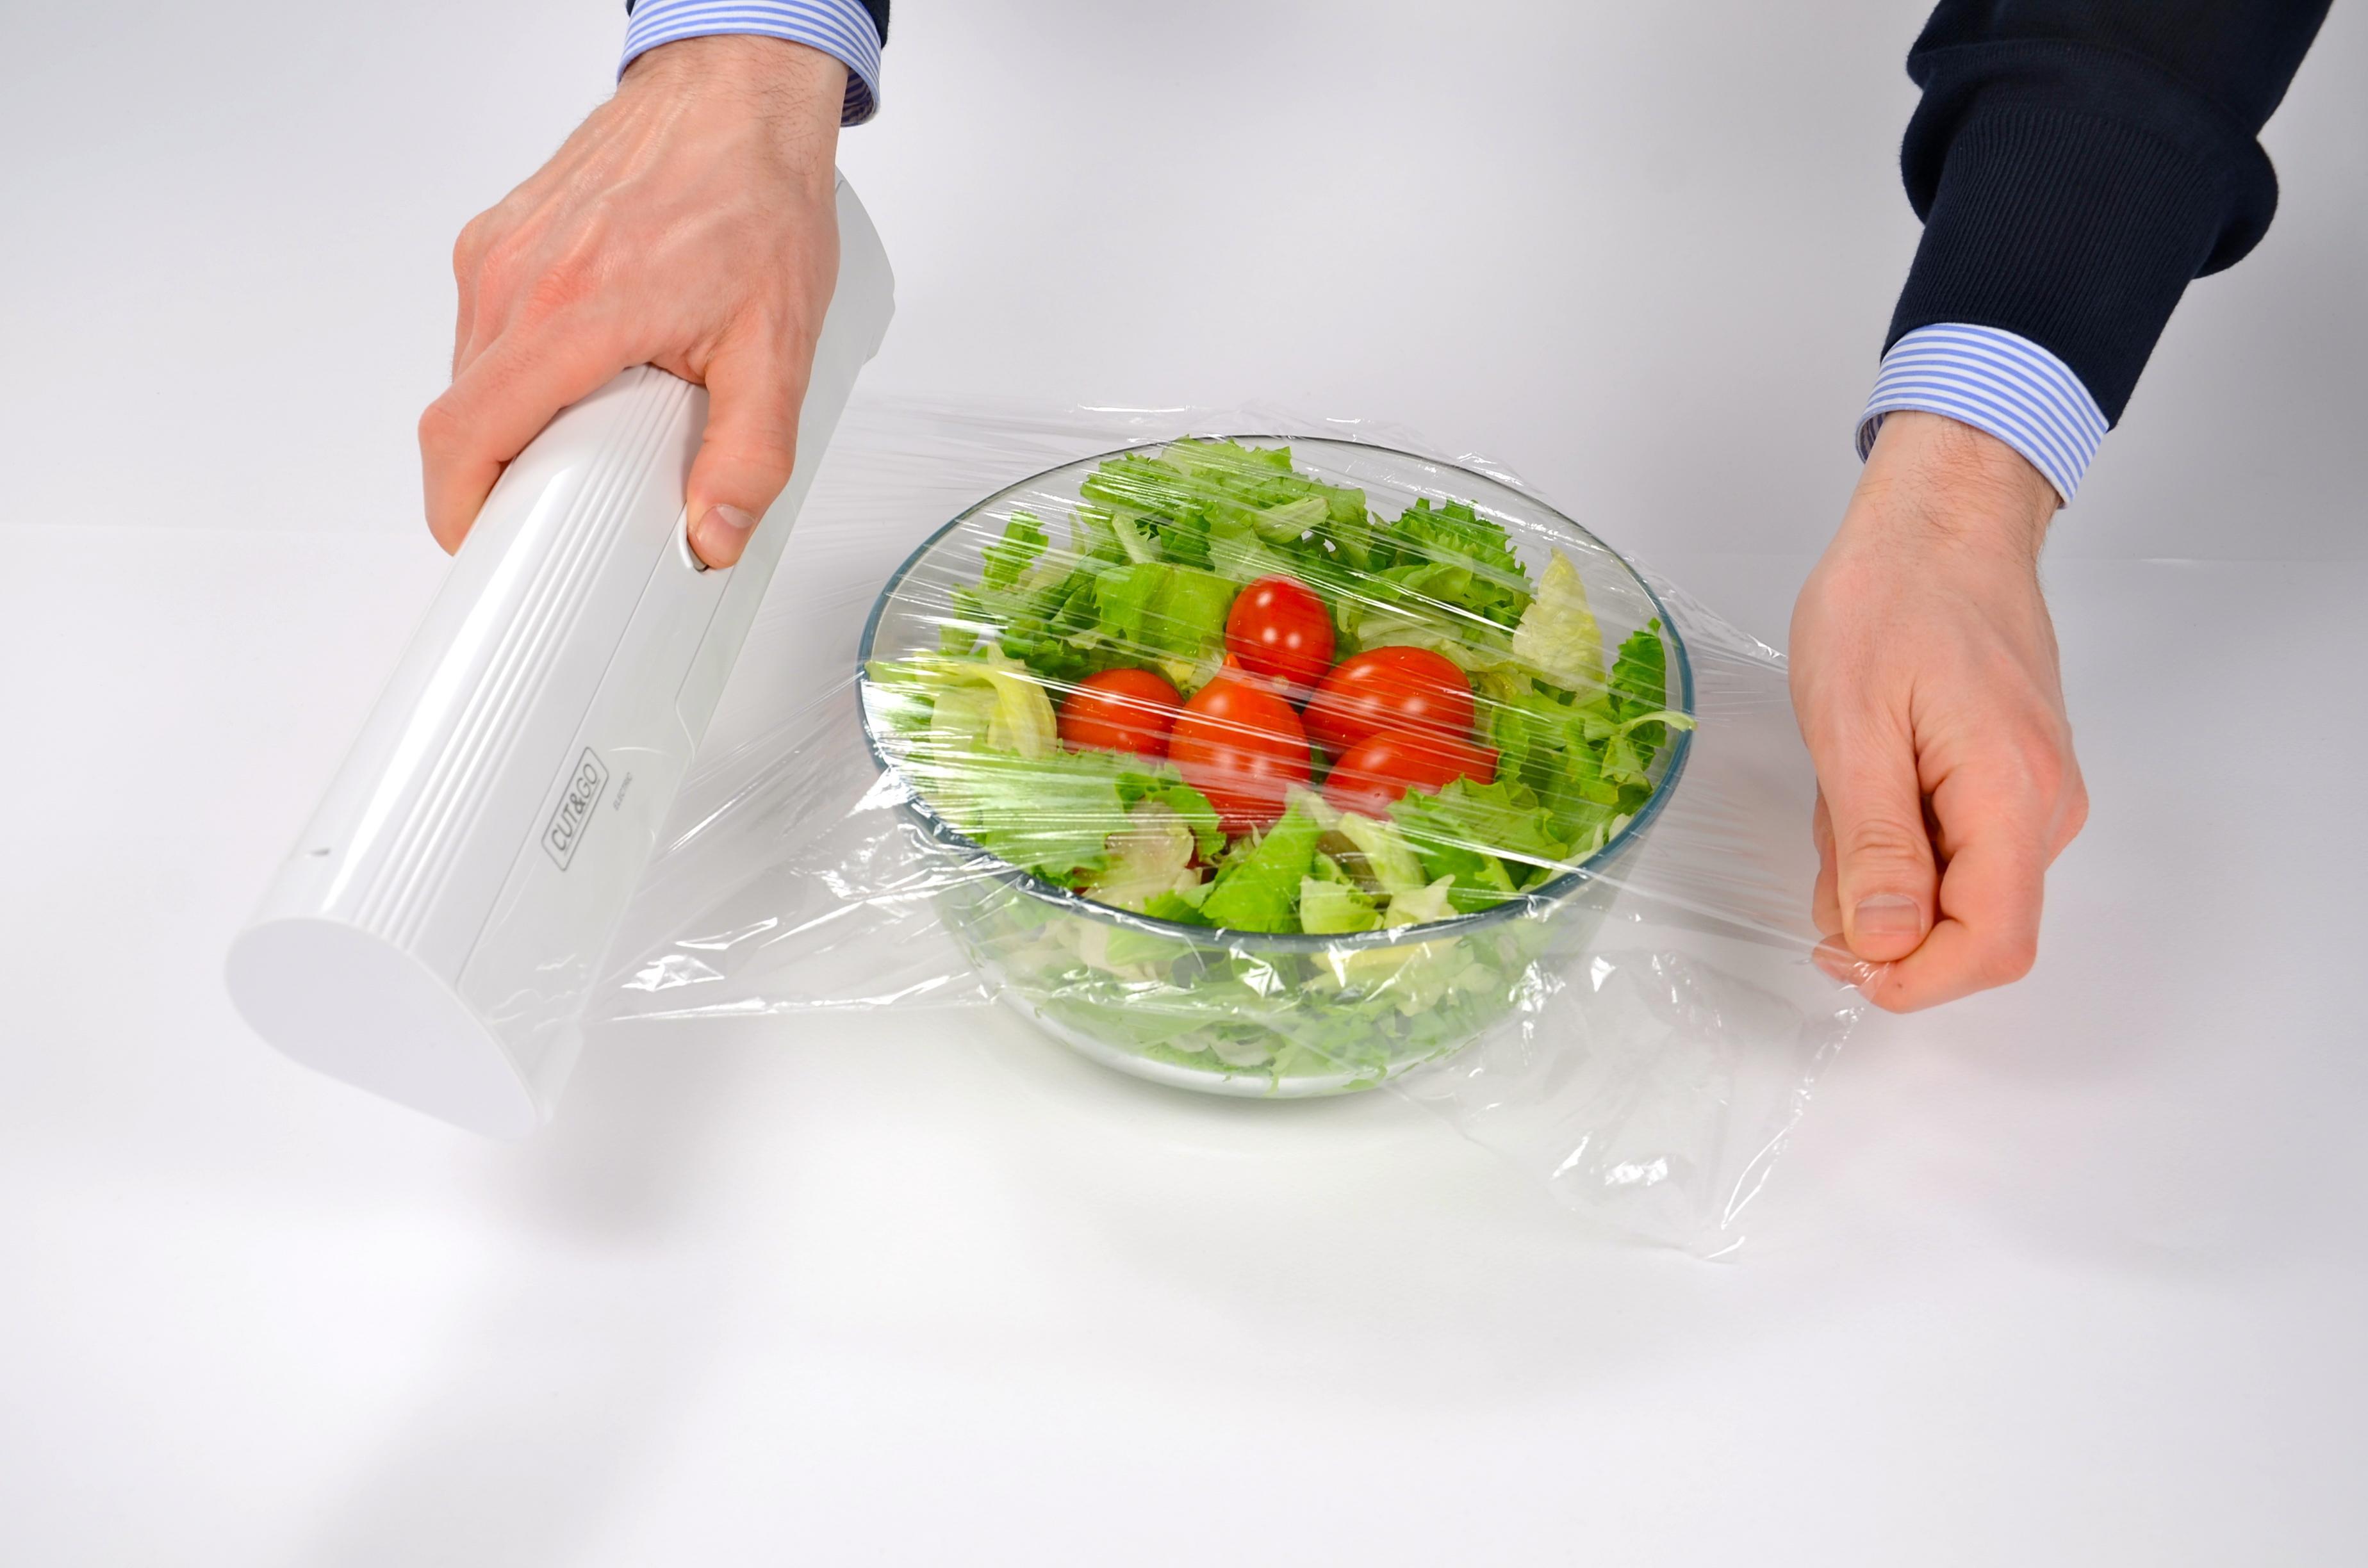 CUT&GO L'innovazione in cucina - Srotola pellicola con taglio elettrico